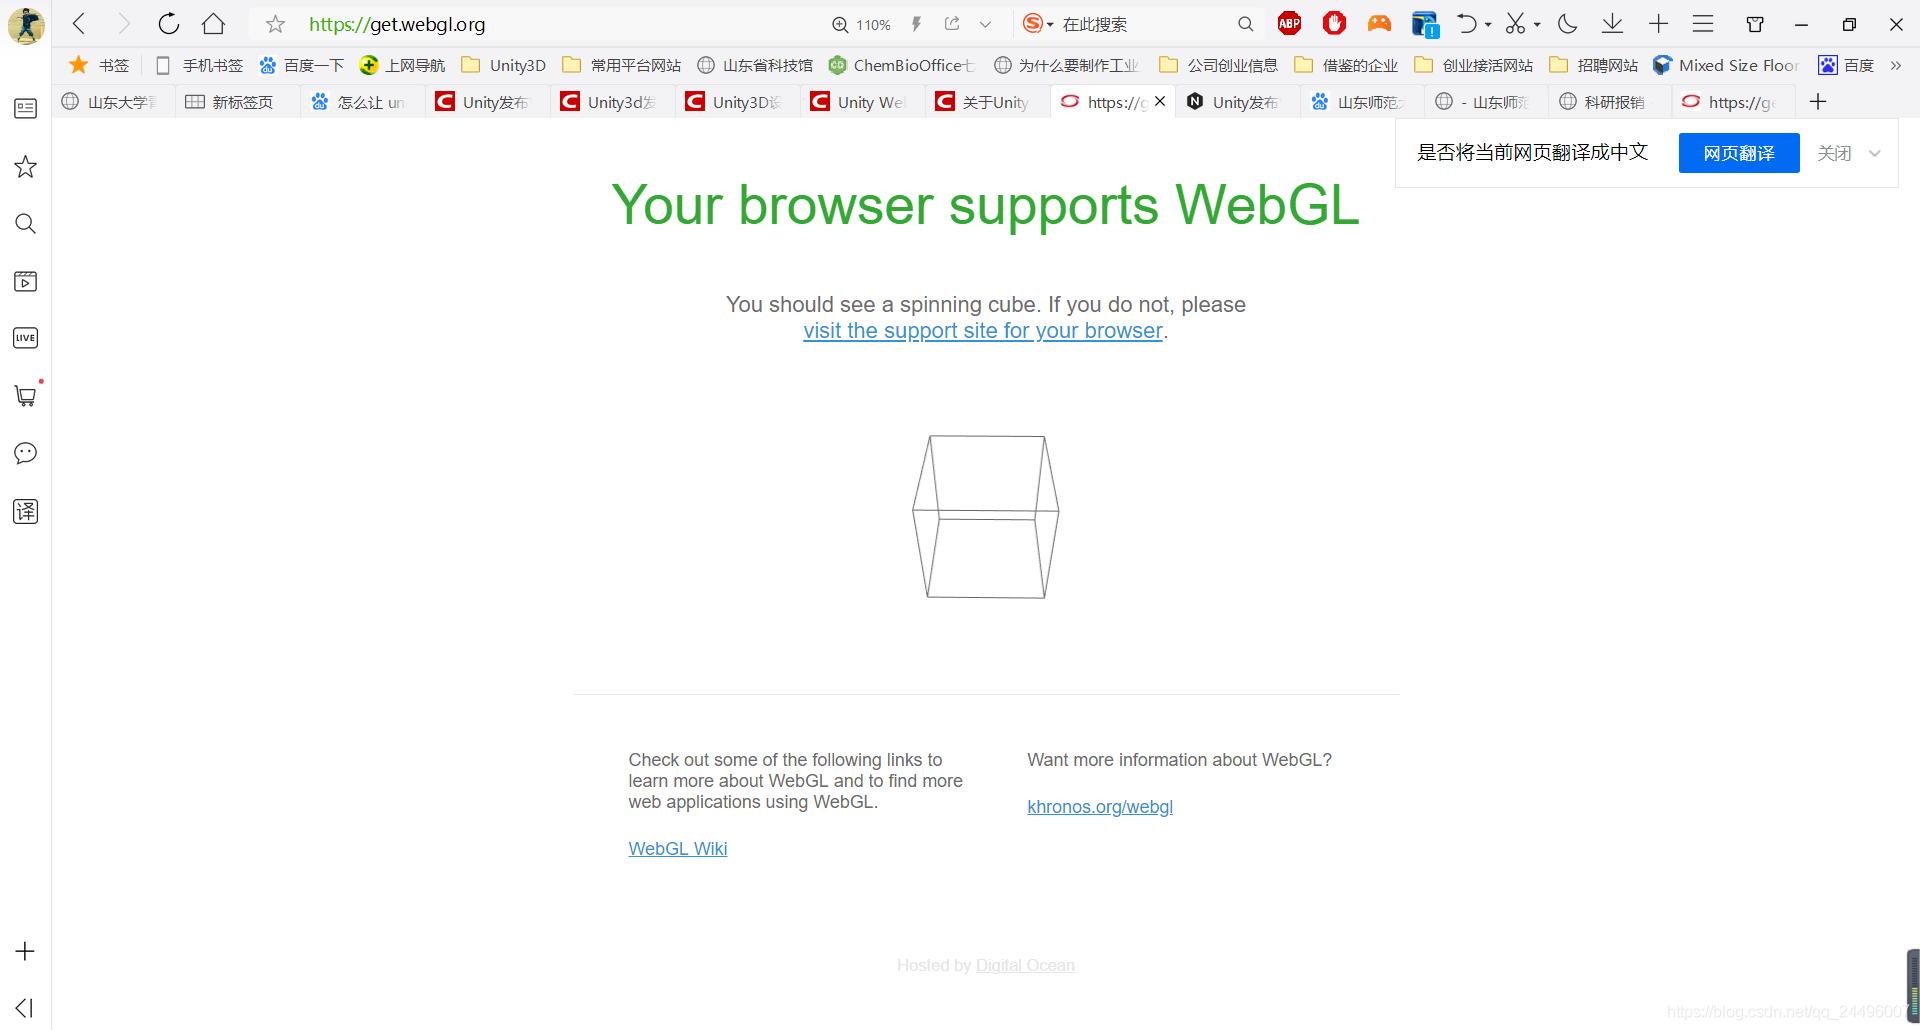 如何检测某浏览器是否支持WebGL - 第1张  | 逗分享开发经验